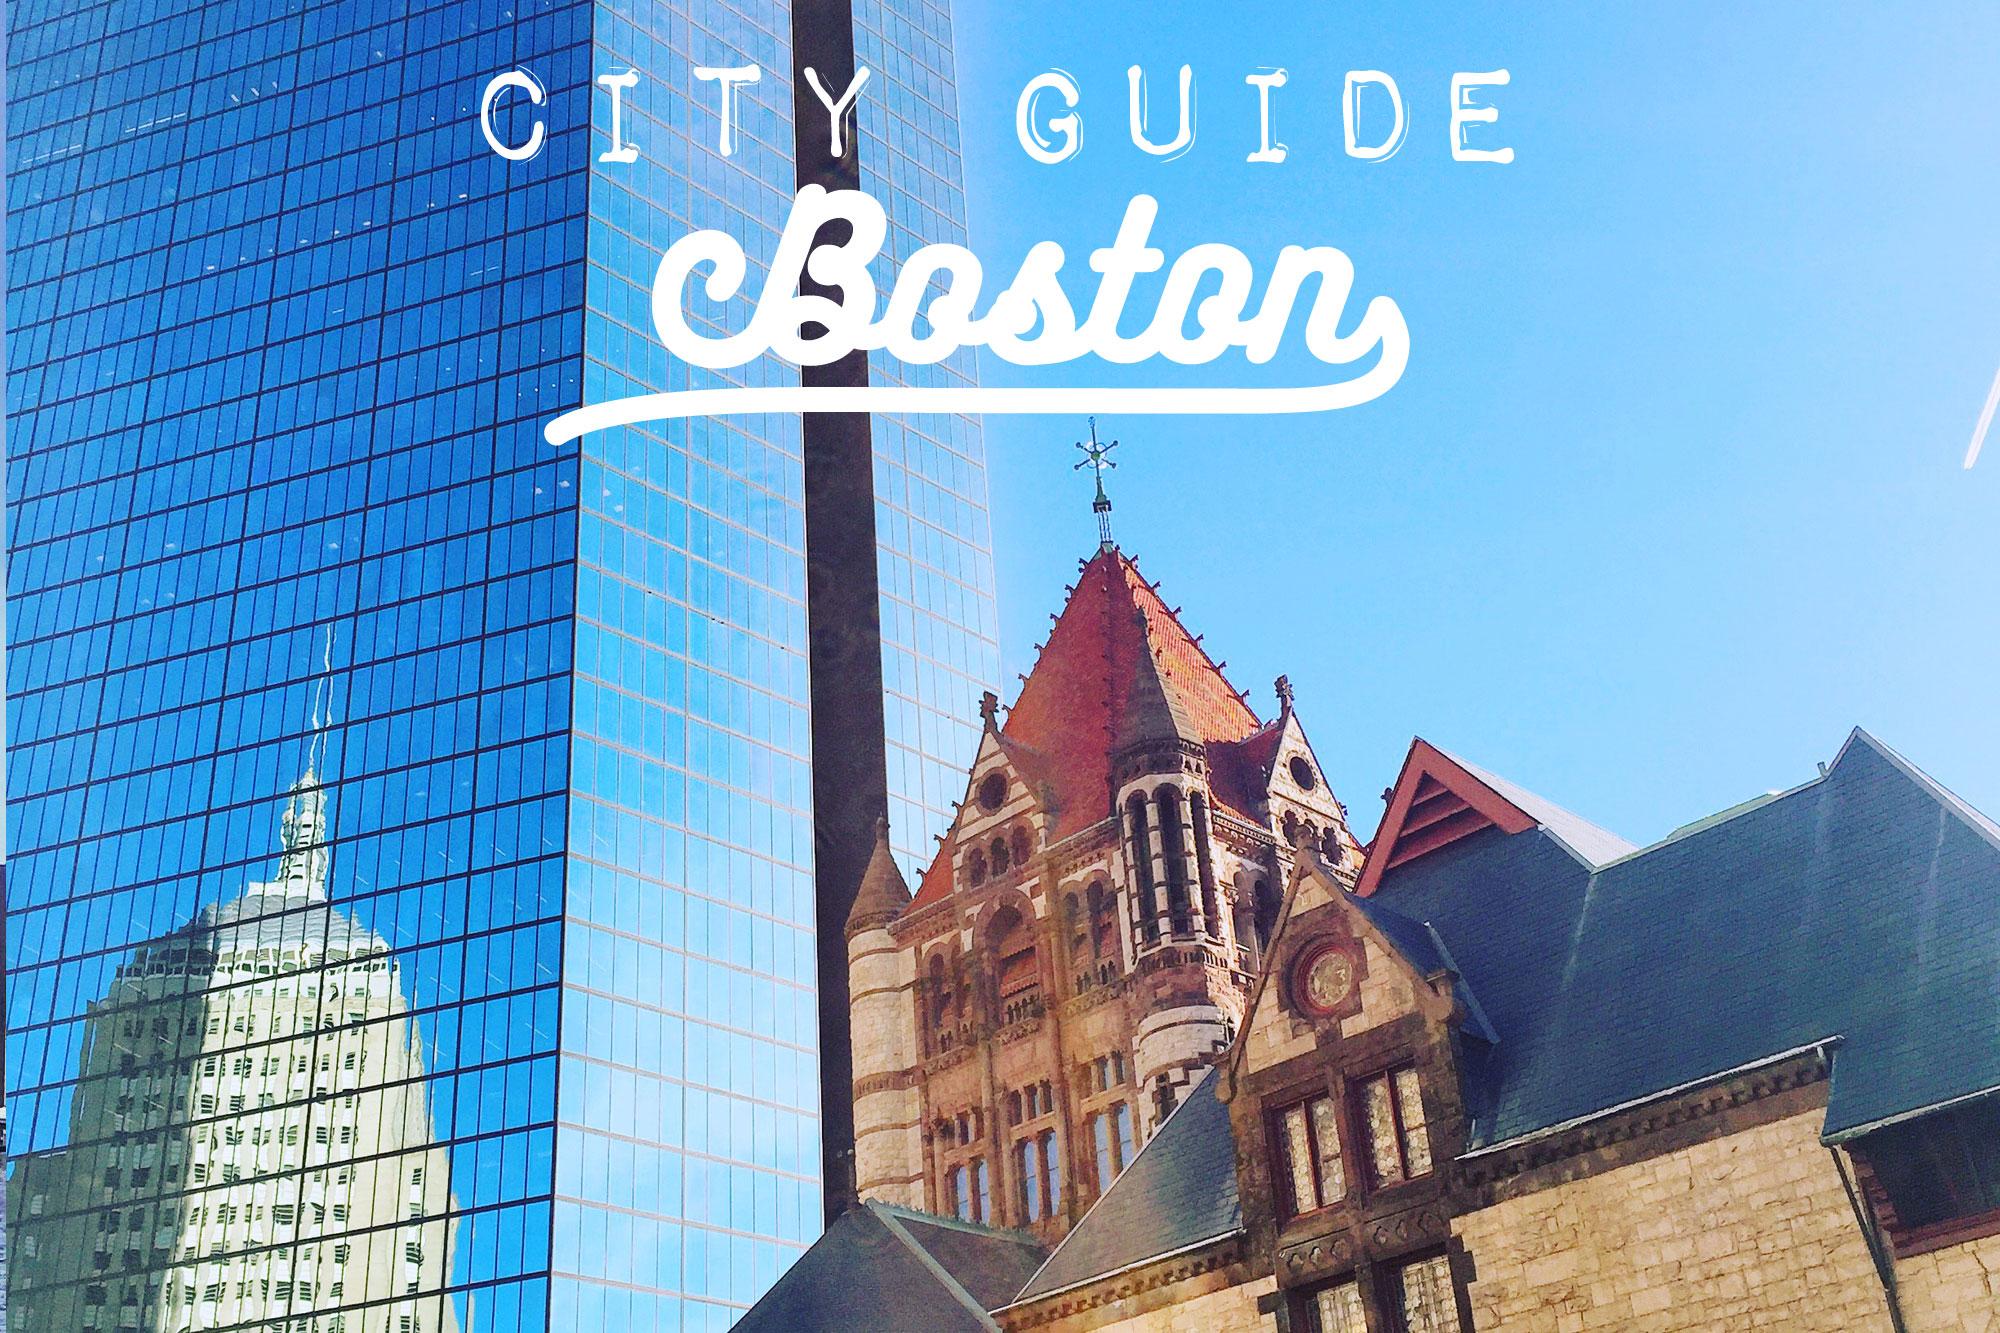 Boston escort city guide Escort Boston MA , escort girls in Boston MA